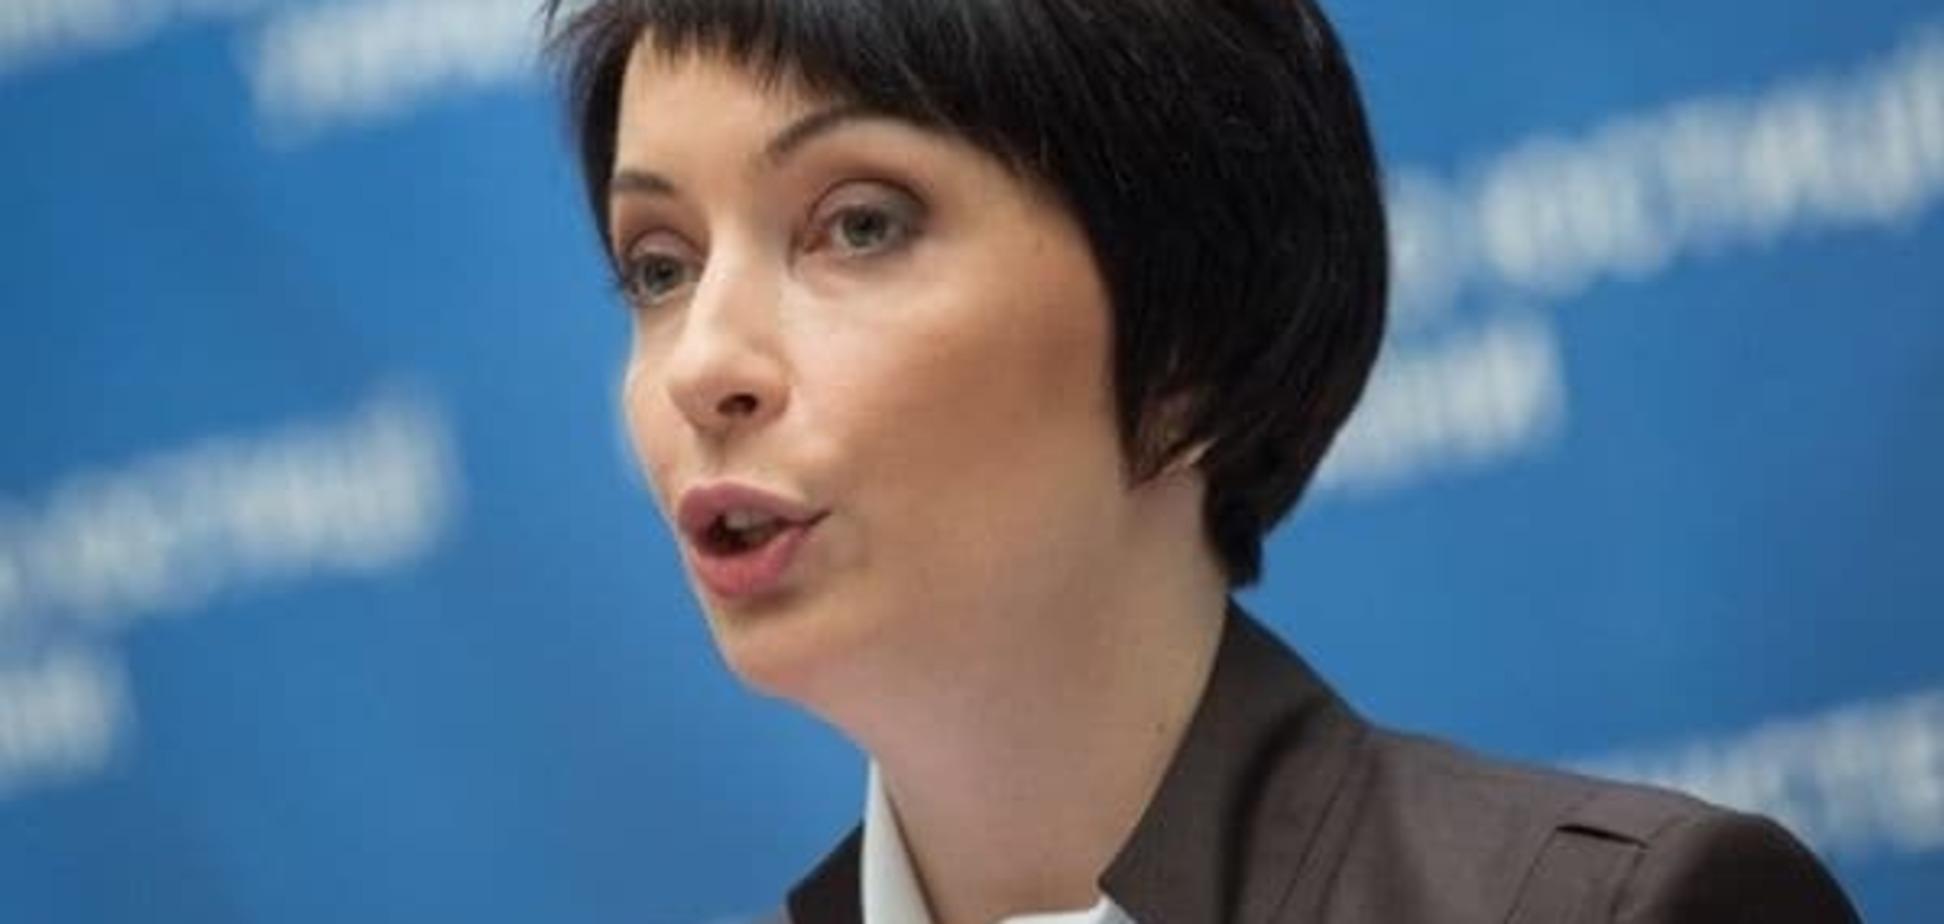 Лукаш говорит, что 'пять дней просила' ее допросить по делу о Майдане